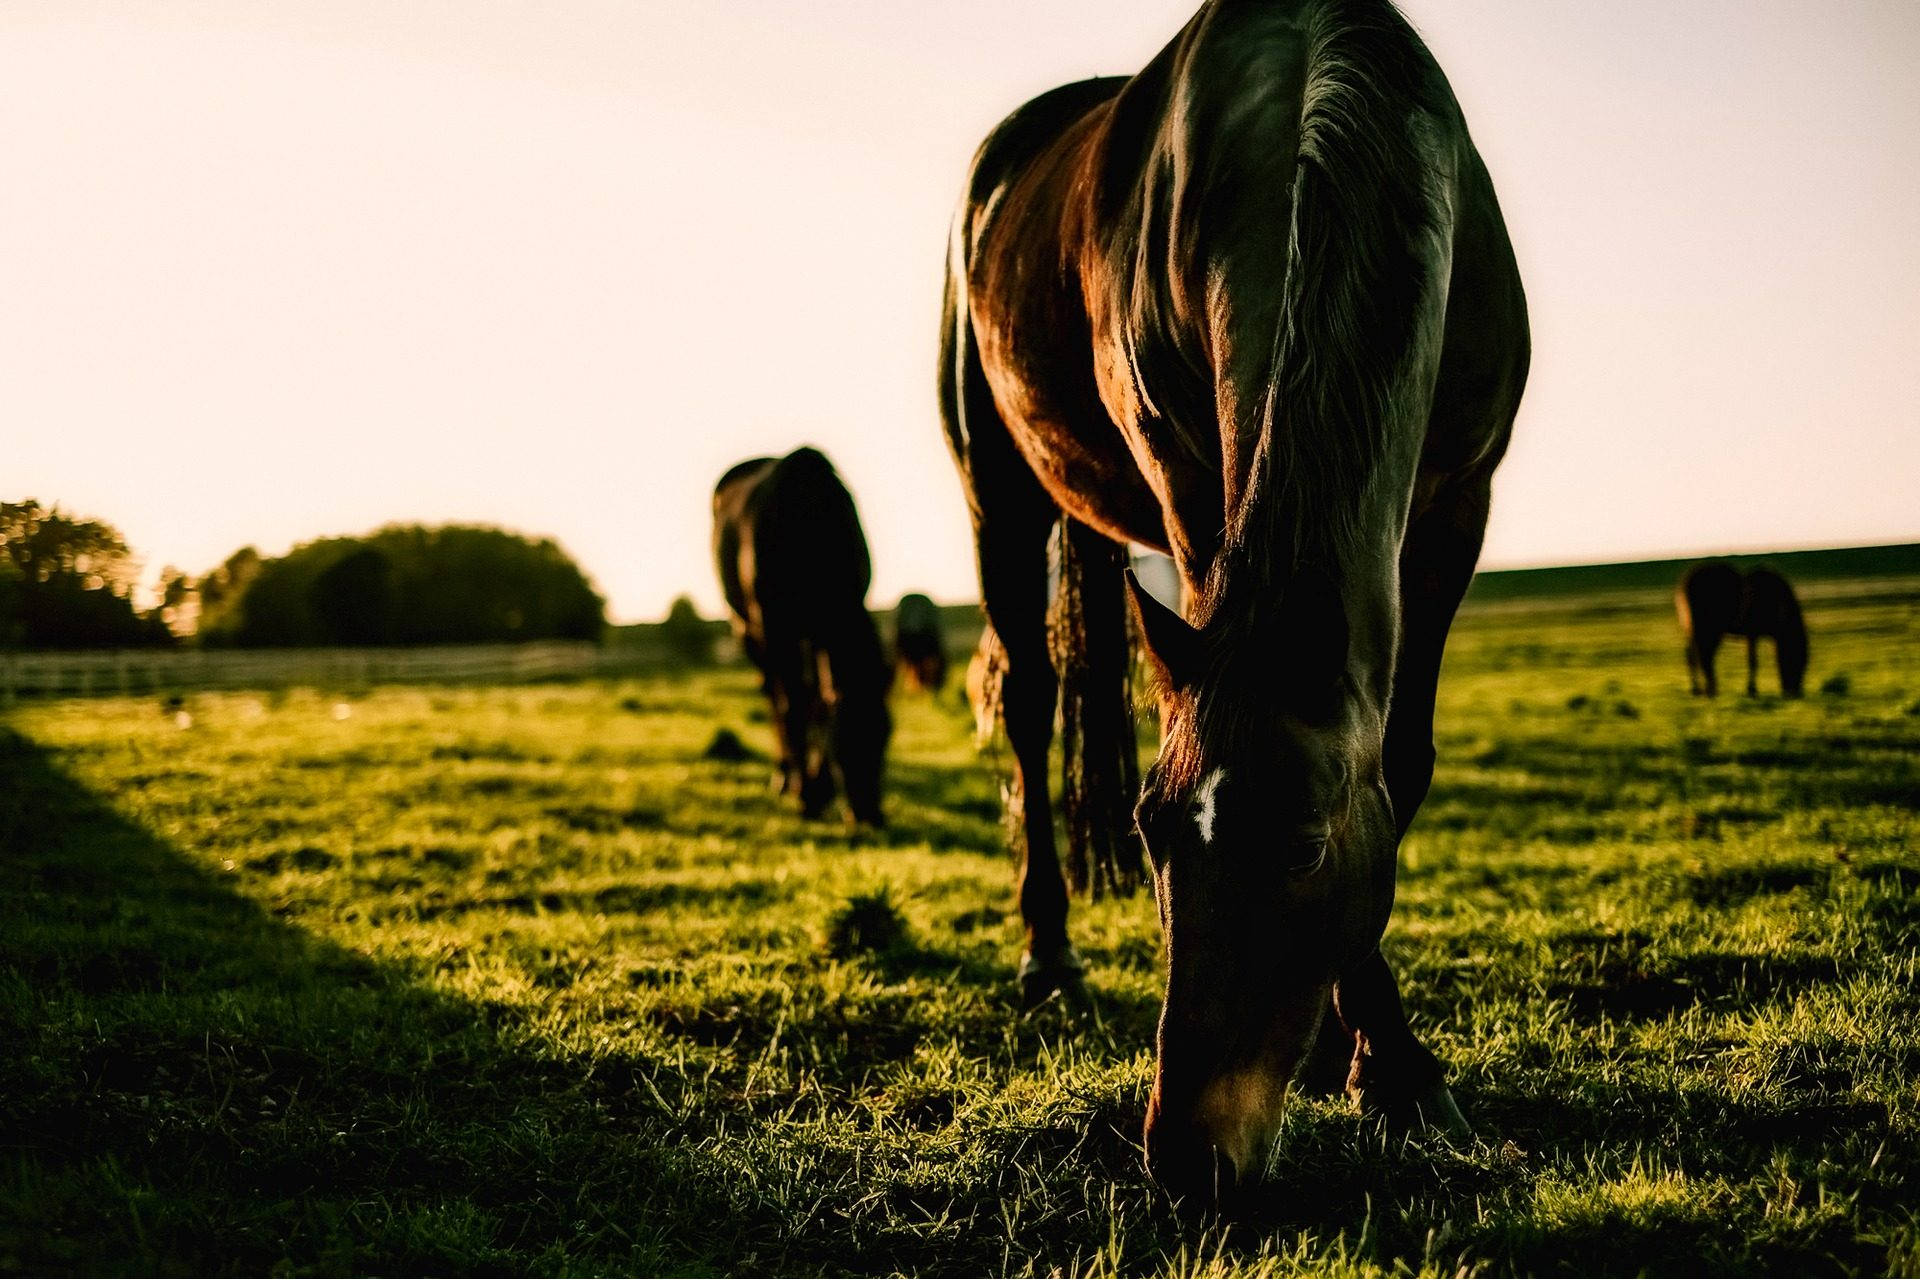 馬, Pradera, 放牧, フィールド, 草, サンセット - HD の壁紙 - 教授-falken.com